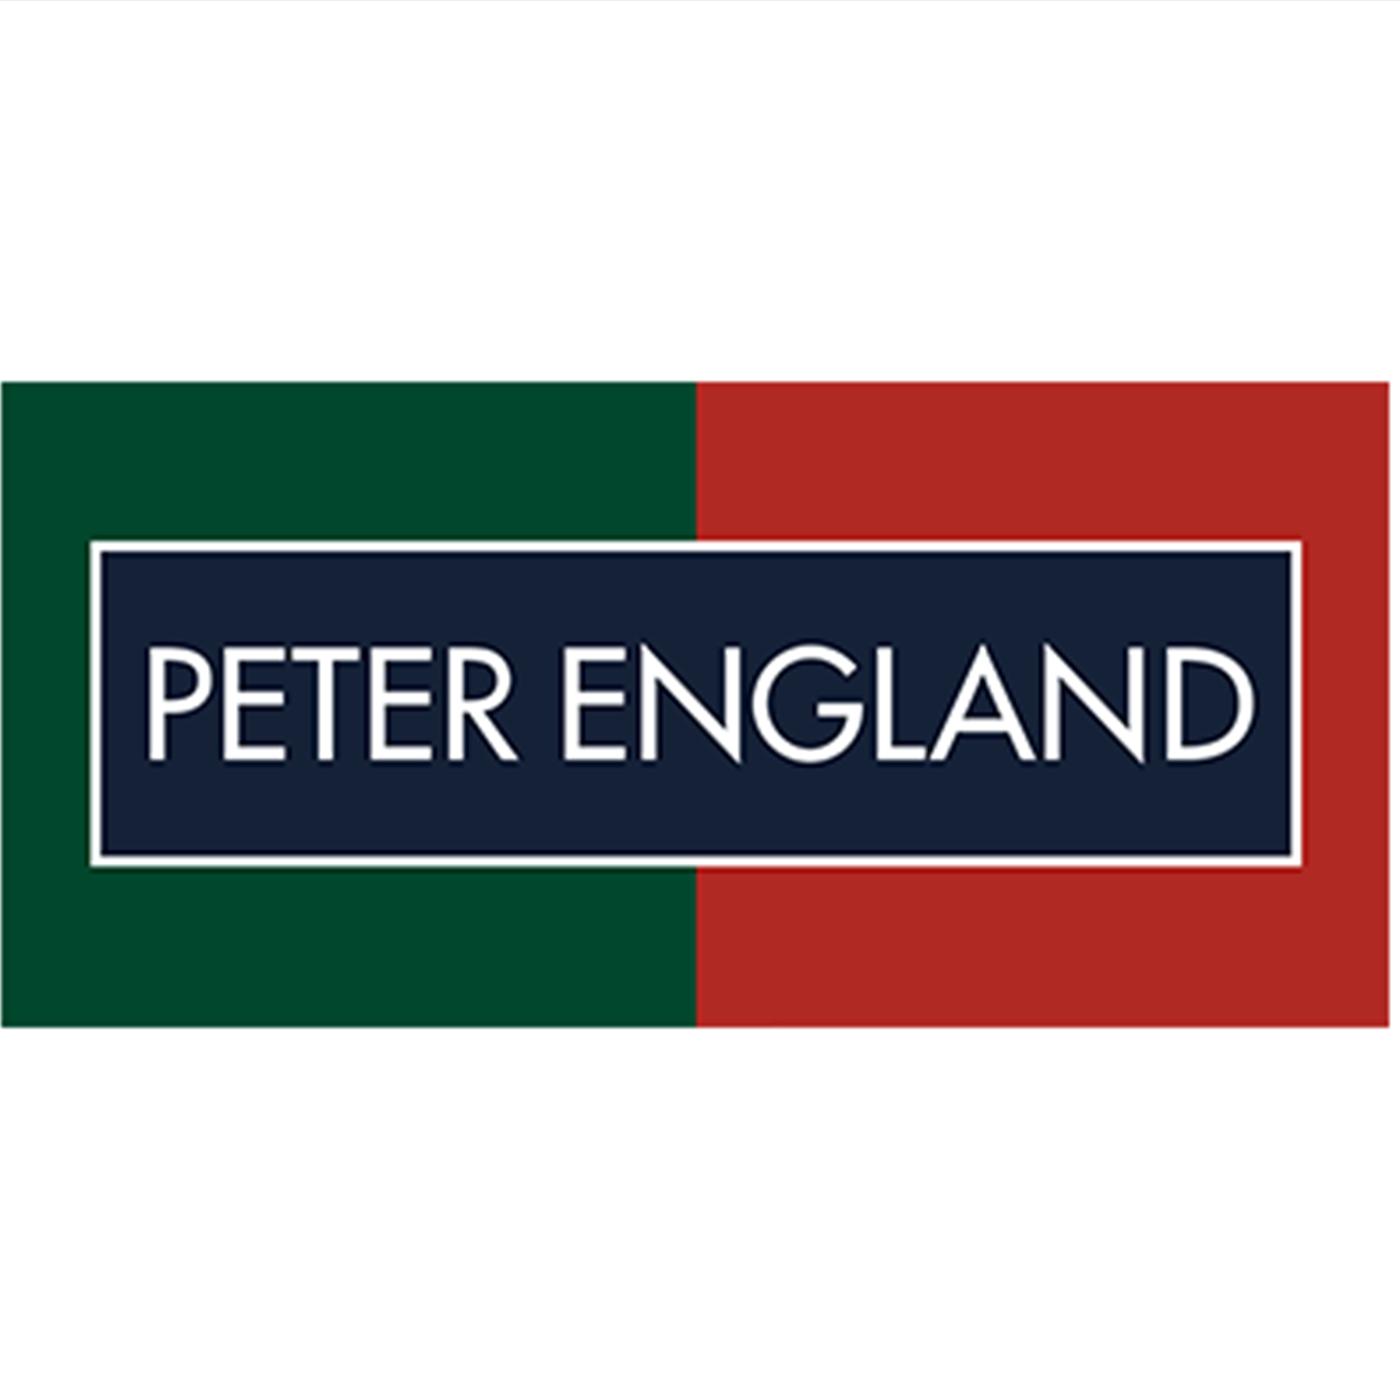 Peter England E-Gift Voucher